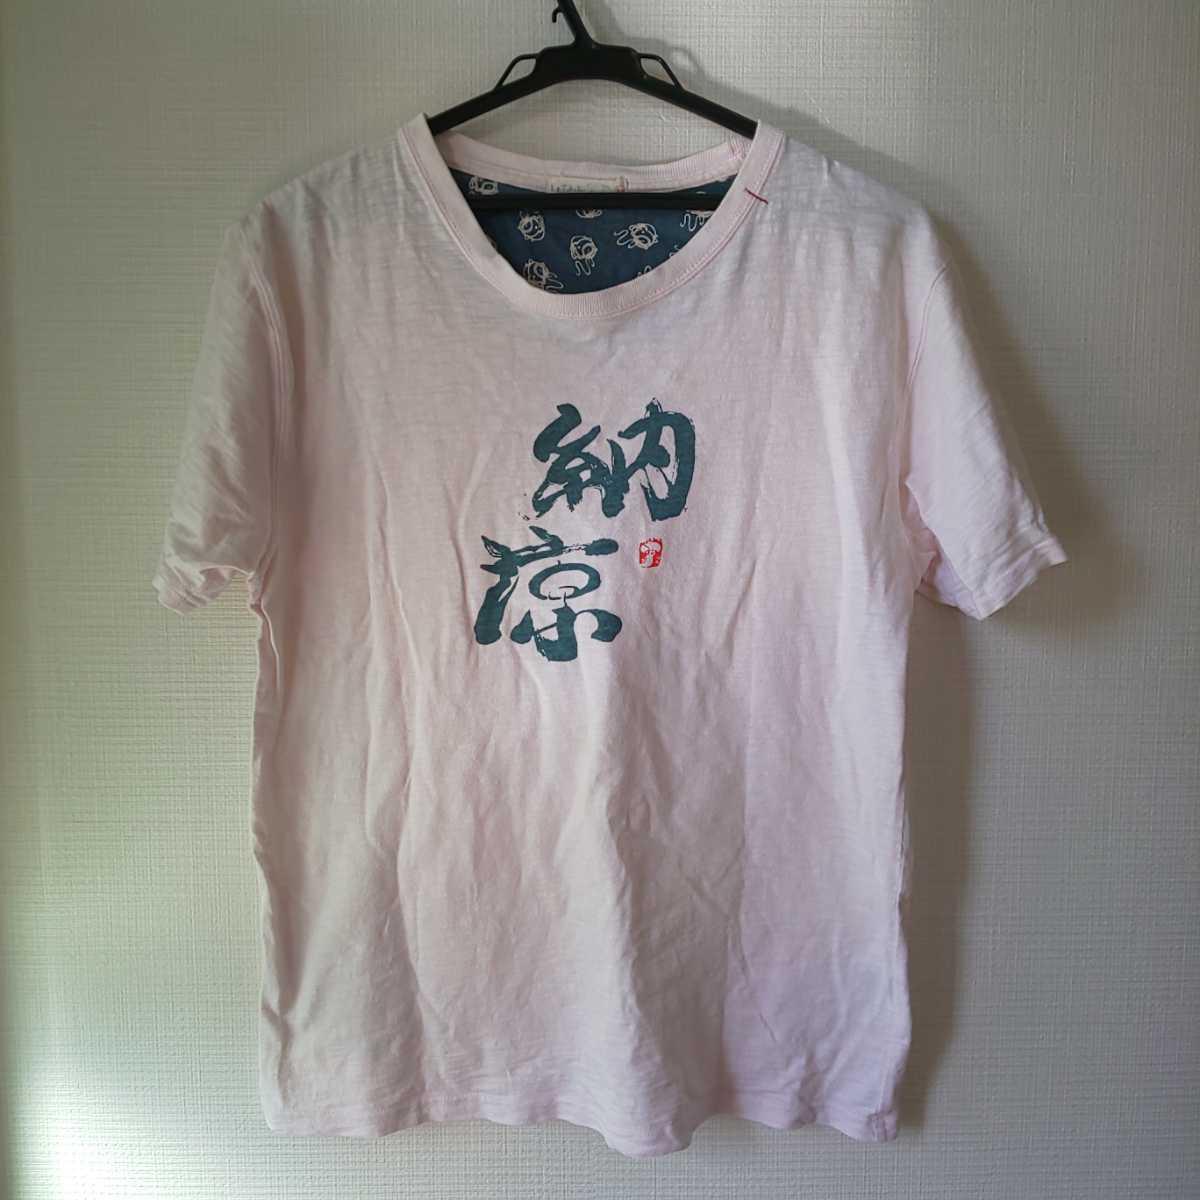 1円スタート! レディースMサイズ 半袖Tシャツ ロゴT 納涼 夏物 女性用 部屋着 楽ちん 普段着 中古 akichan7777jp_画像1